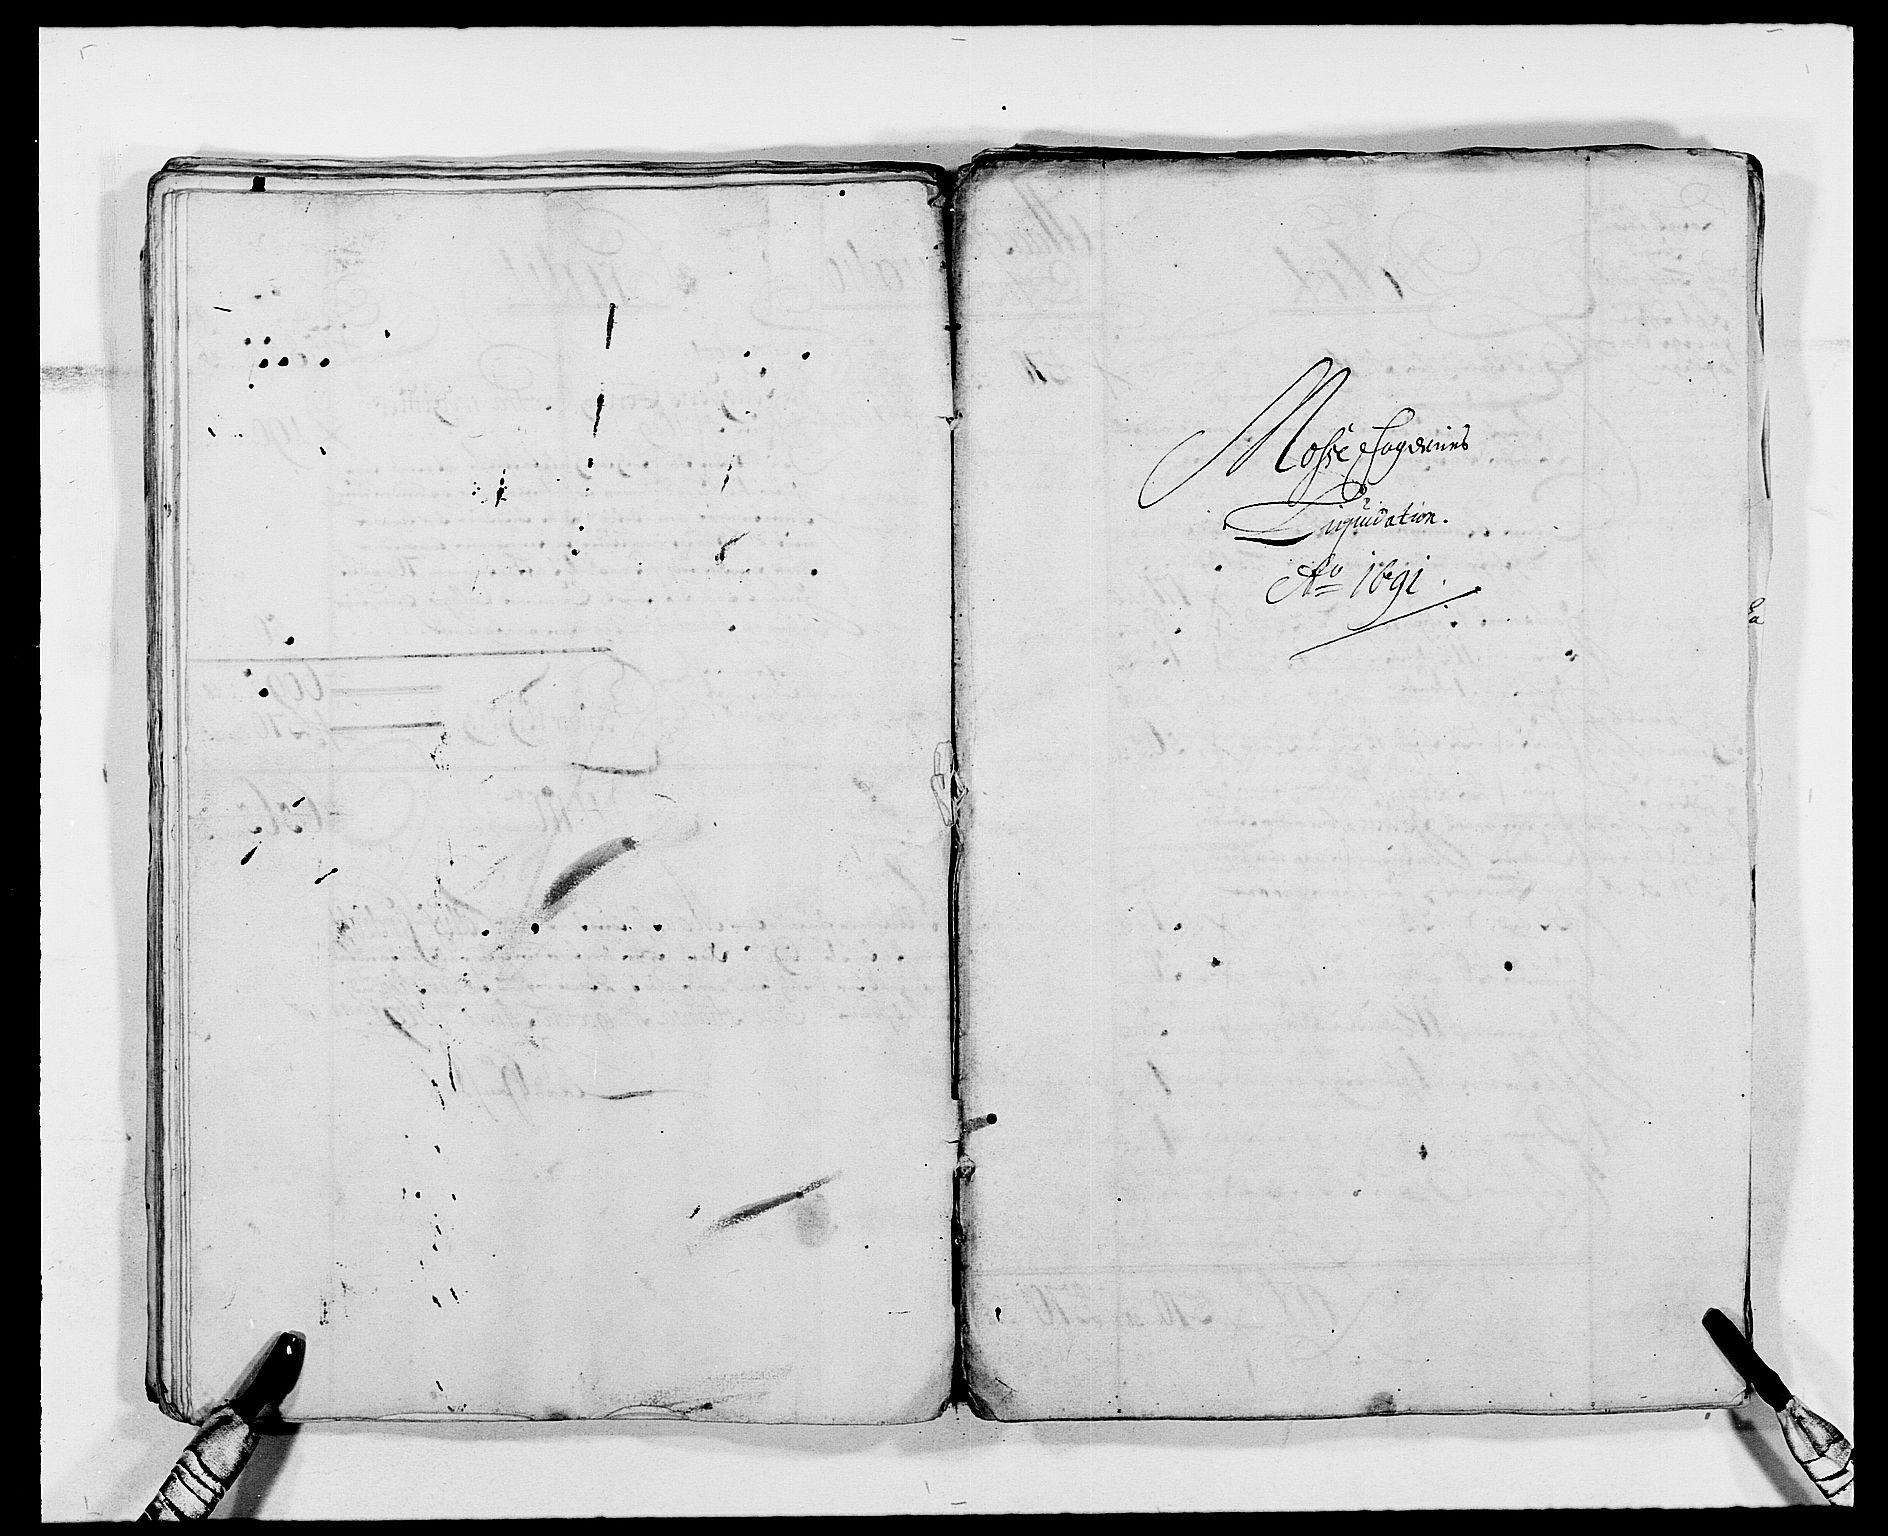 RA, Rentekammeret inntil 1814, Reviderte regnskaper, Fogderegnskap, R02/L0107: Fogderegnskap Moss og Verne kloster, 1685-1691, s. 49